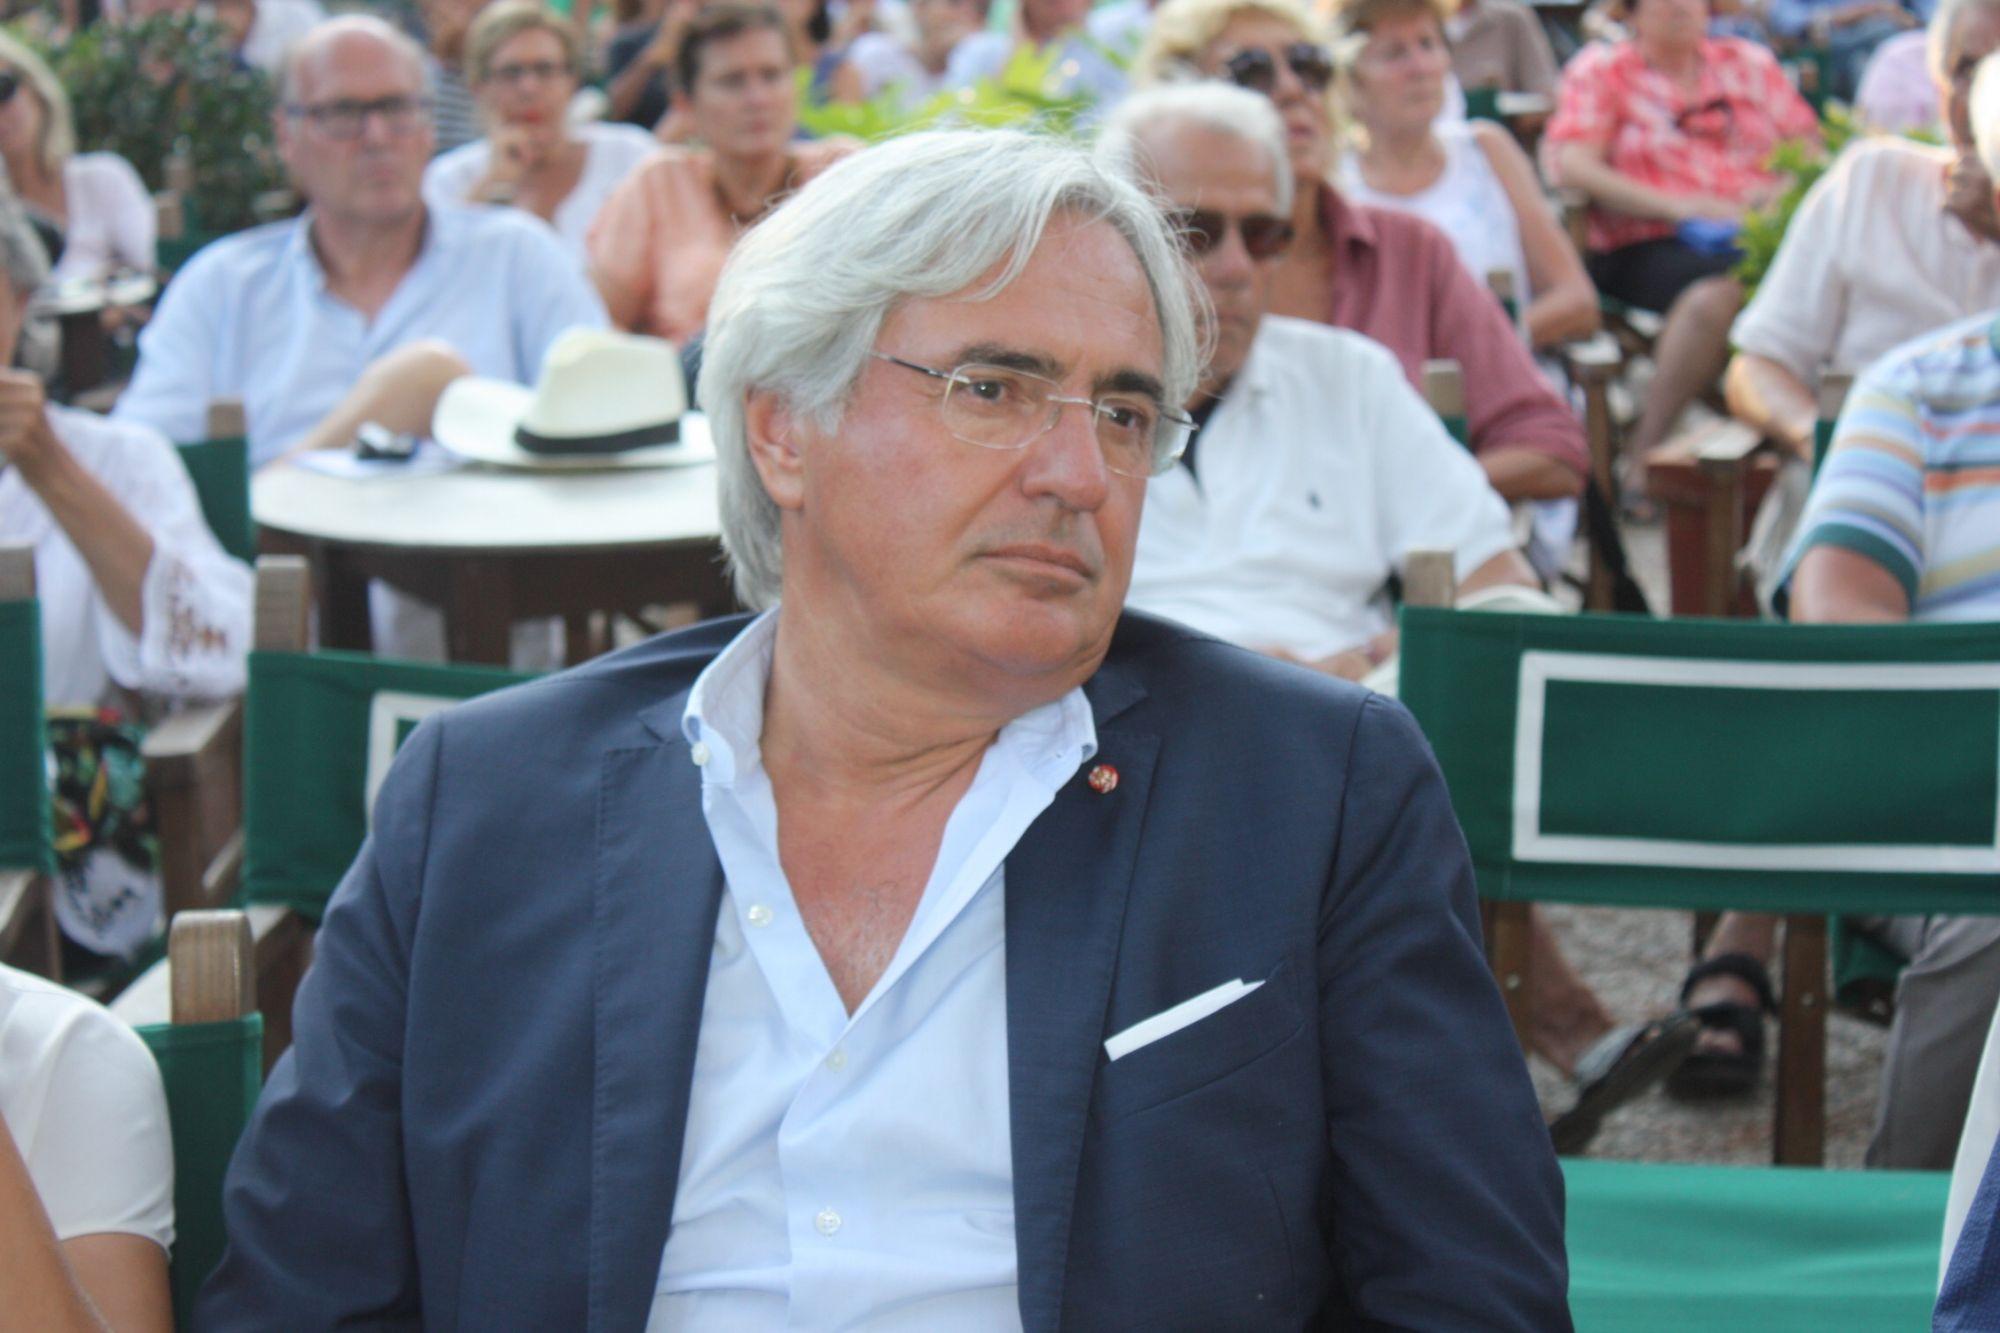 Incontro in comune tra il sindaco Murzi e l'onorevole Buratti